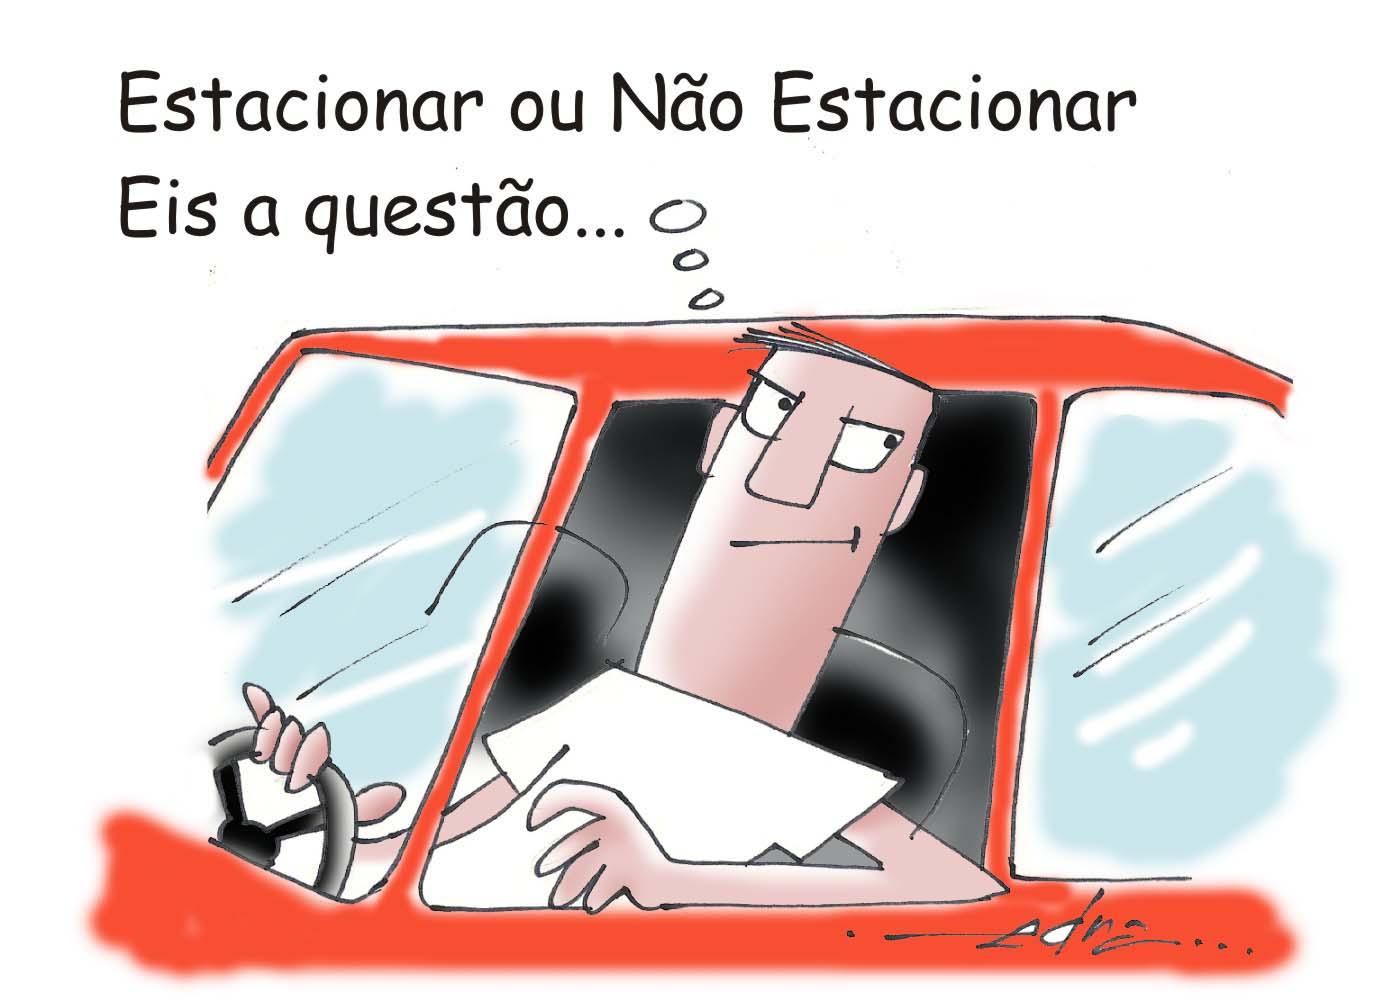 Resultado de imagem para brasil estacionado charges